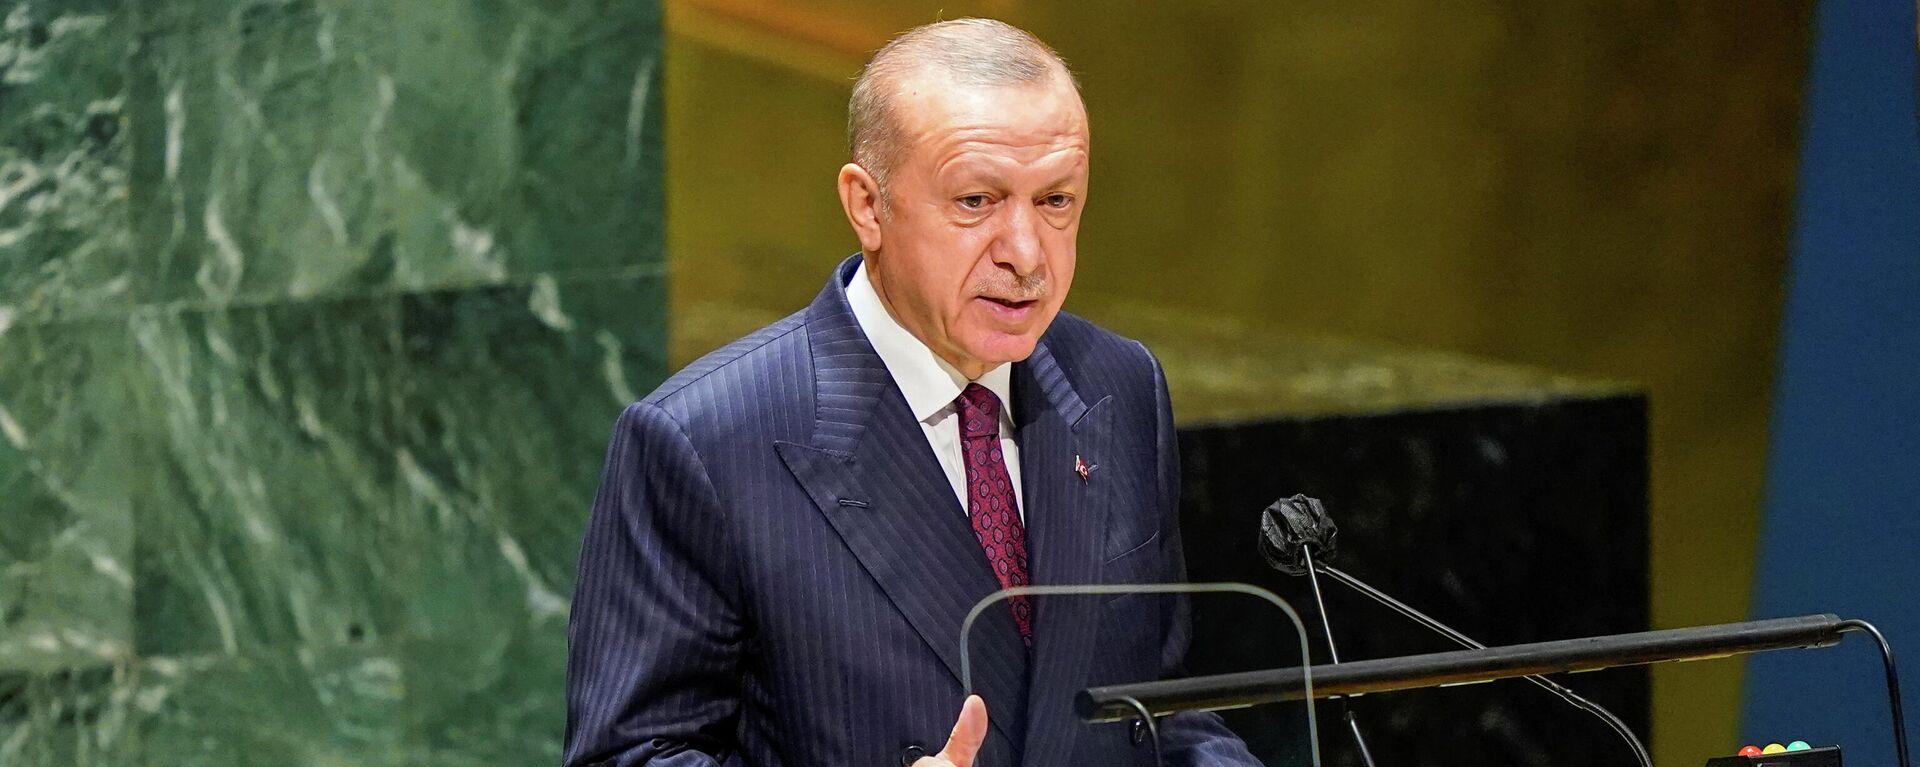 Председник Турске Реџеп Тајип Ердоган - Sputnik Србија, 1920, 21.09.2021